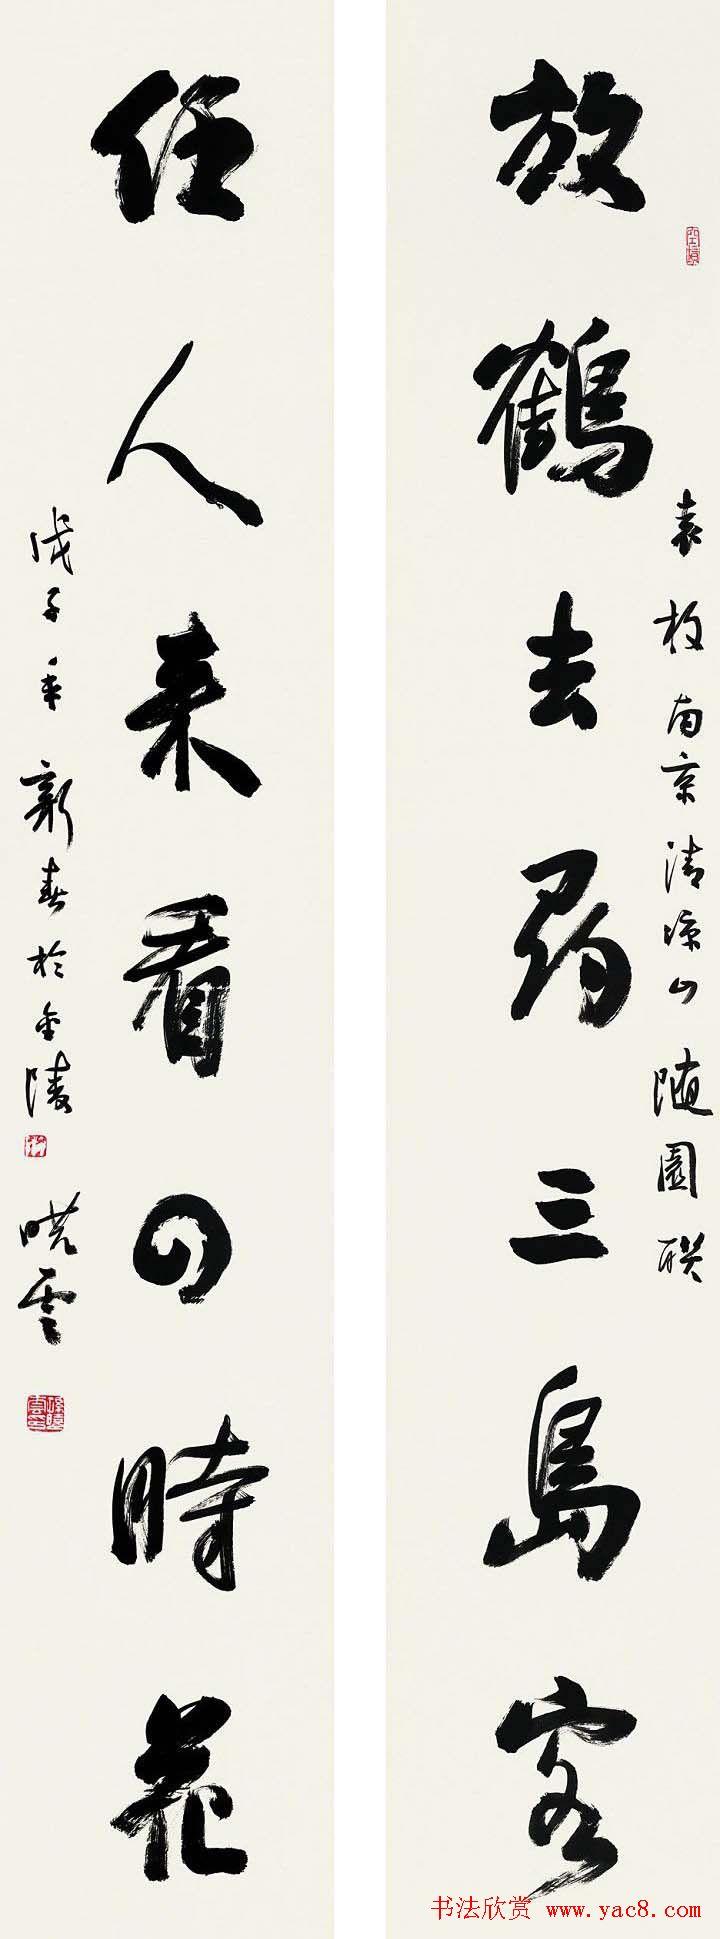 孙晓云书法作品展示专辑 第30页 毛笔书法 书法欣赏图片